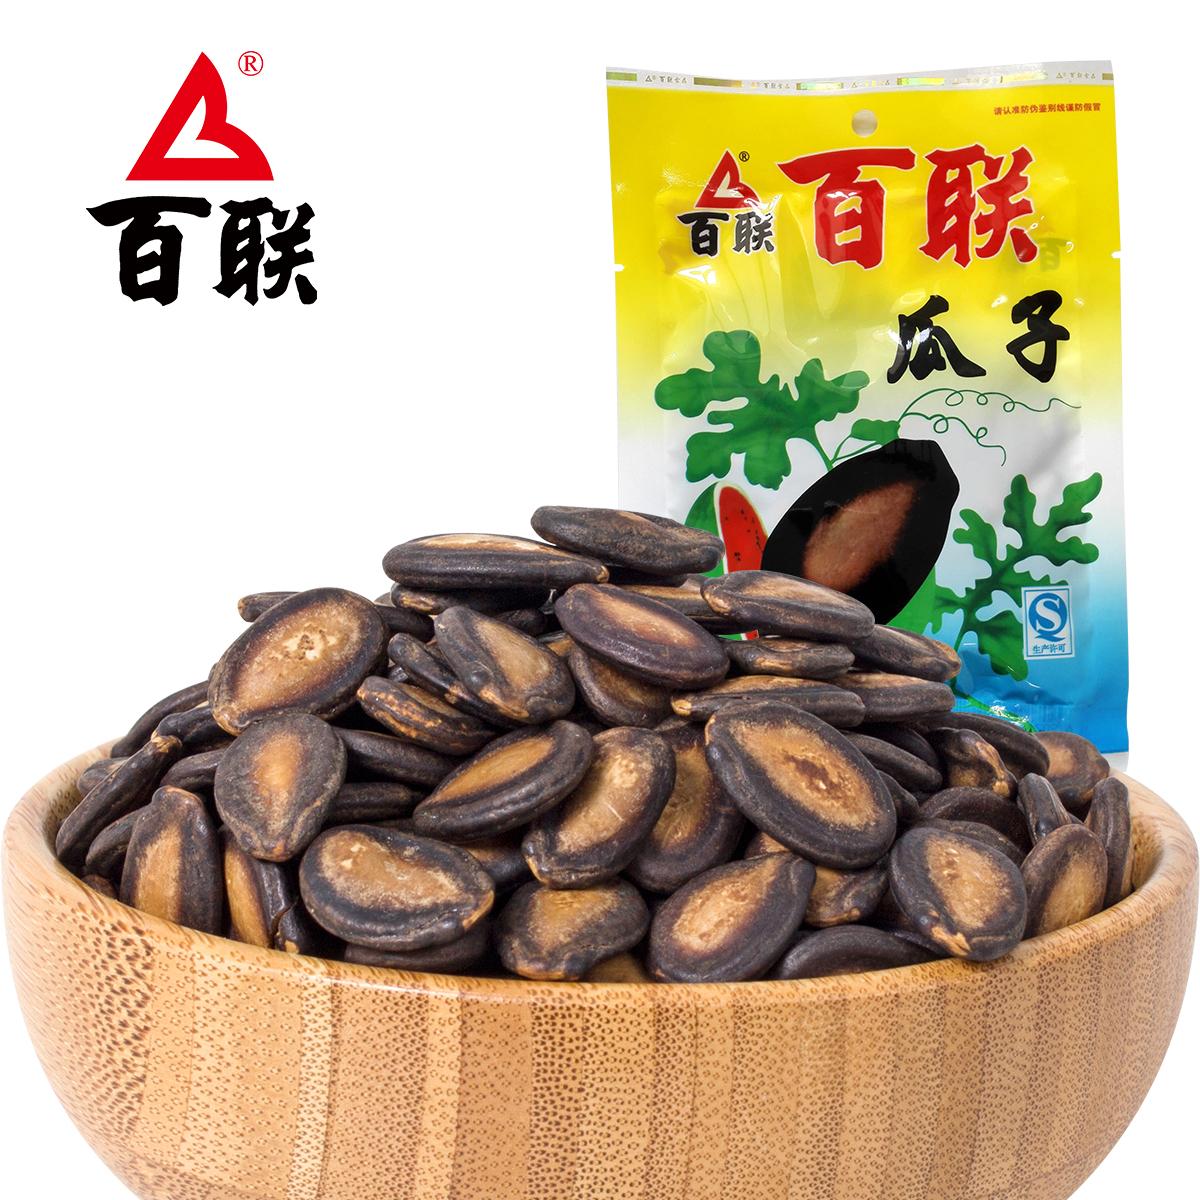 百联甘草味黑西瓜子 大片56g小包袋装批发 坚果炒货休闲零食食品